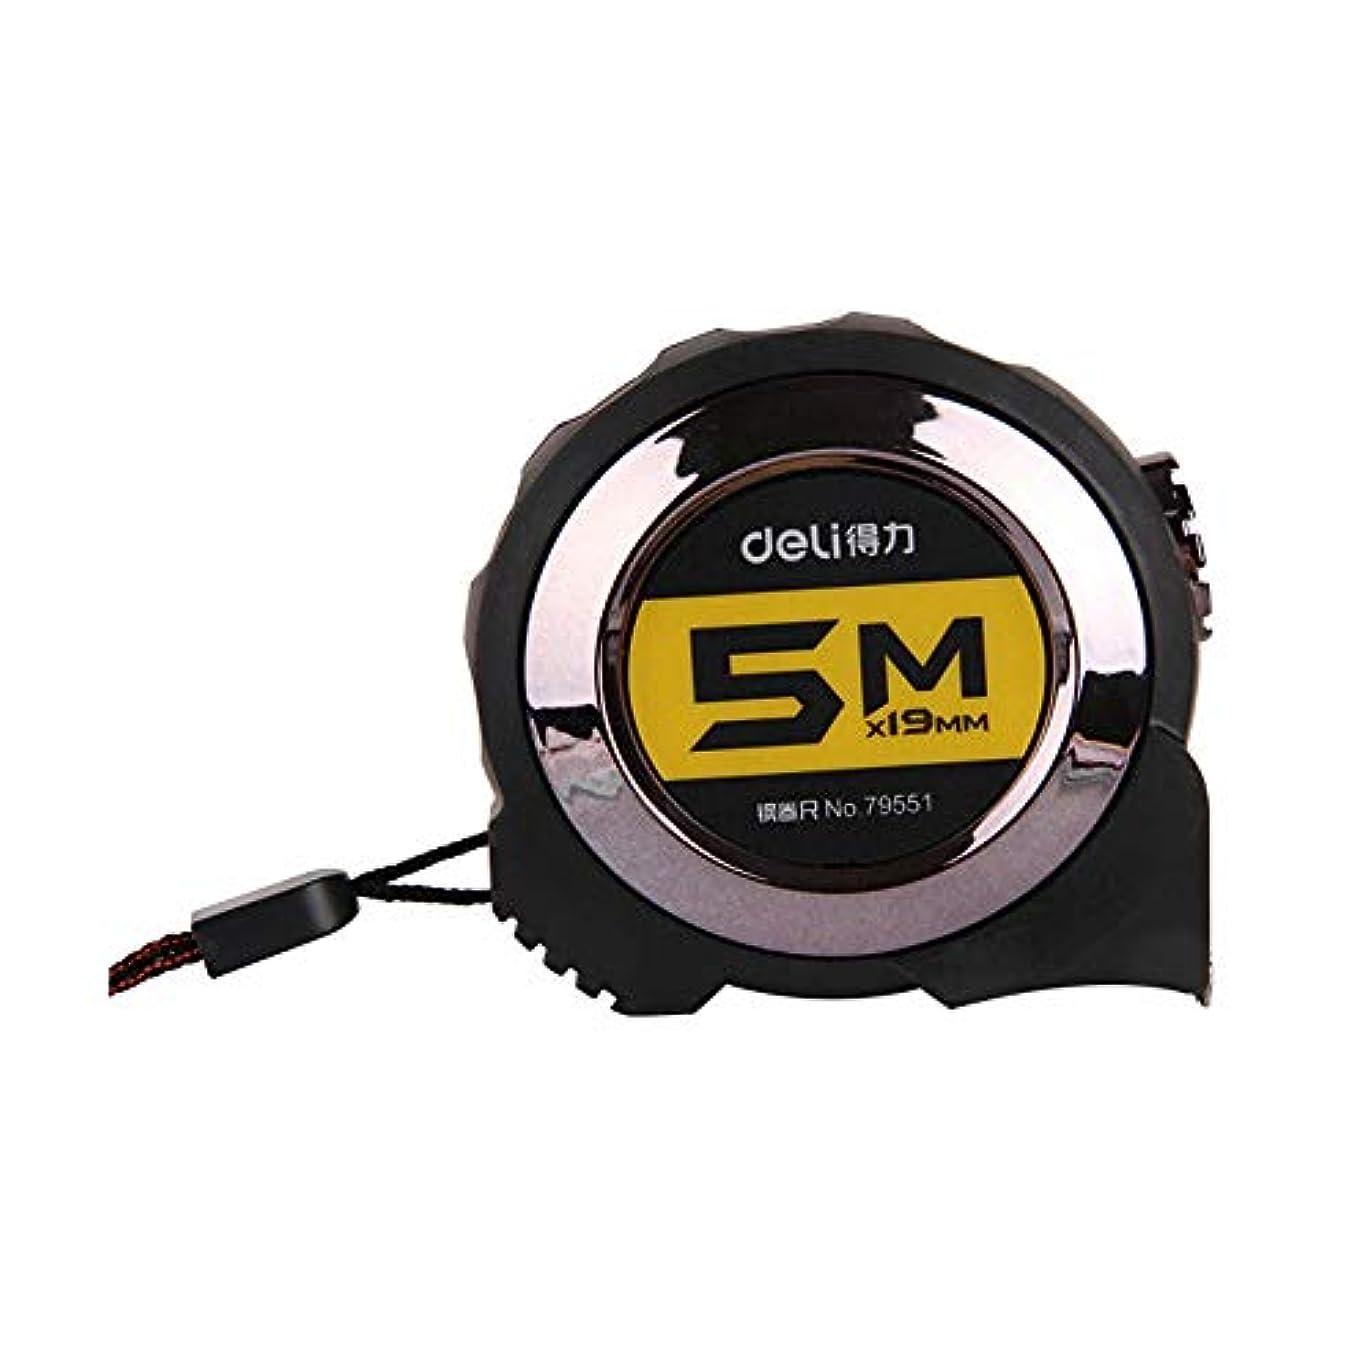 ぎこちない内訳尊厳GUYUEXUAN 自動ロック式スチールテープメジャー、3m / 5m / 7.5m / 10mプルテープ、高品質 高品質、最高の贈り物 (Size : 5 meters)